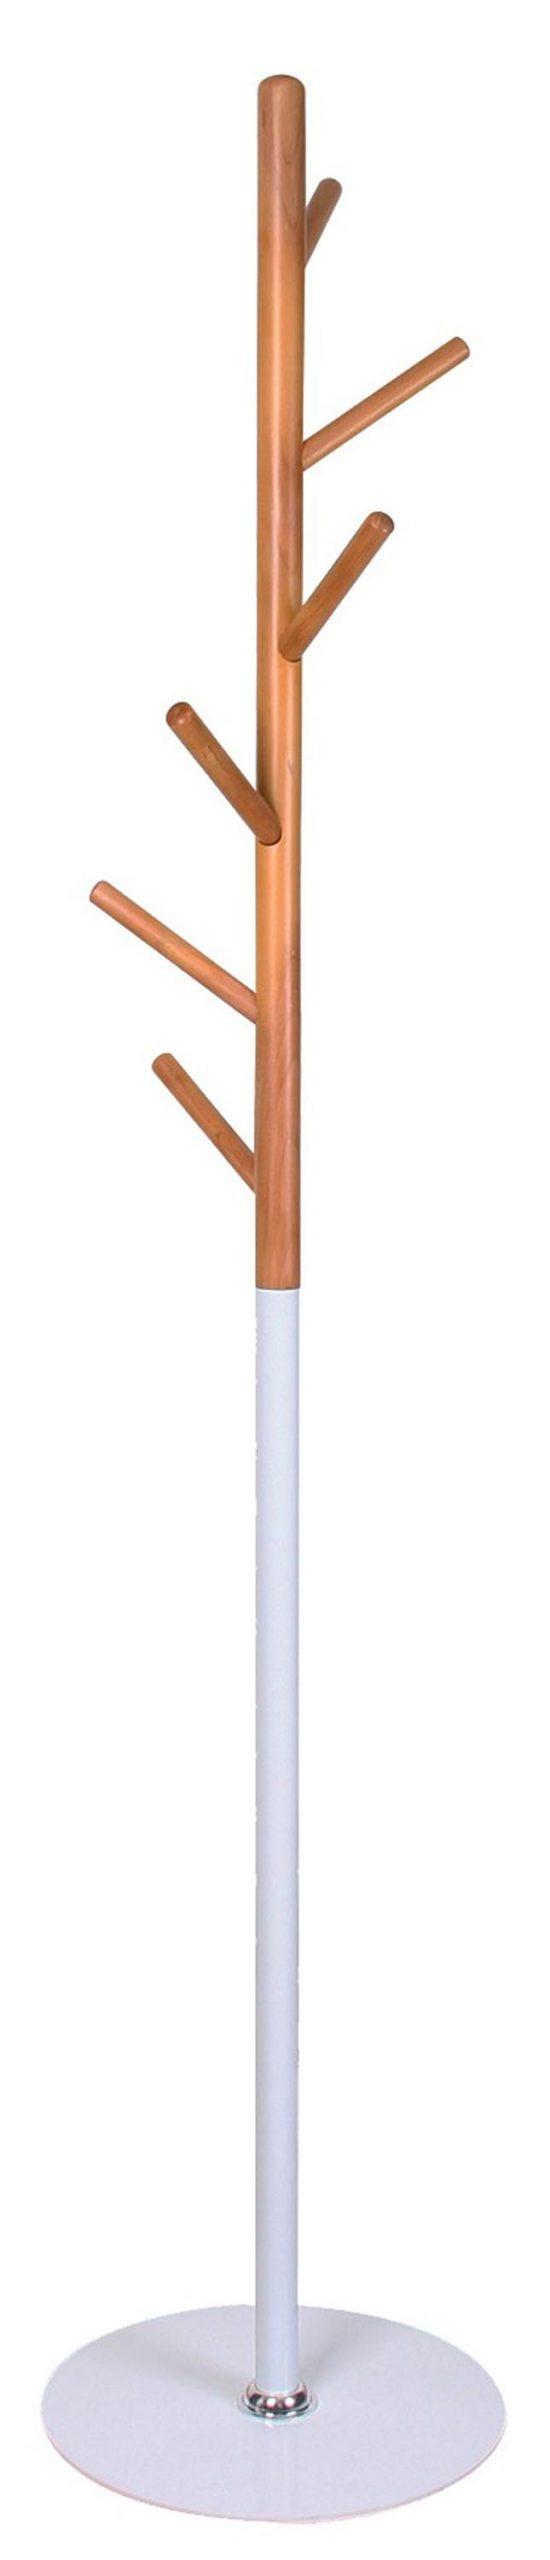 Staande kapstok Izzy 170 cm hoog in wit met beuken | Home Style